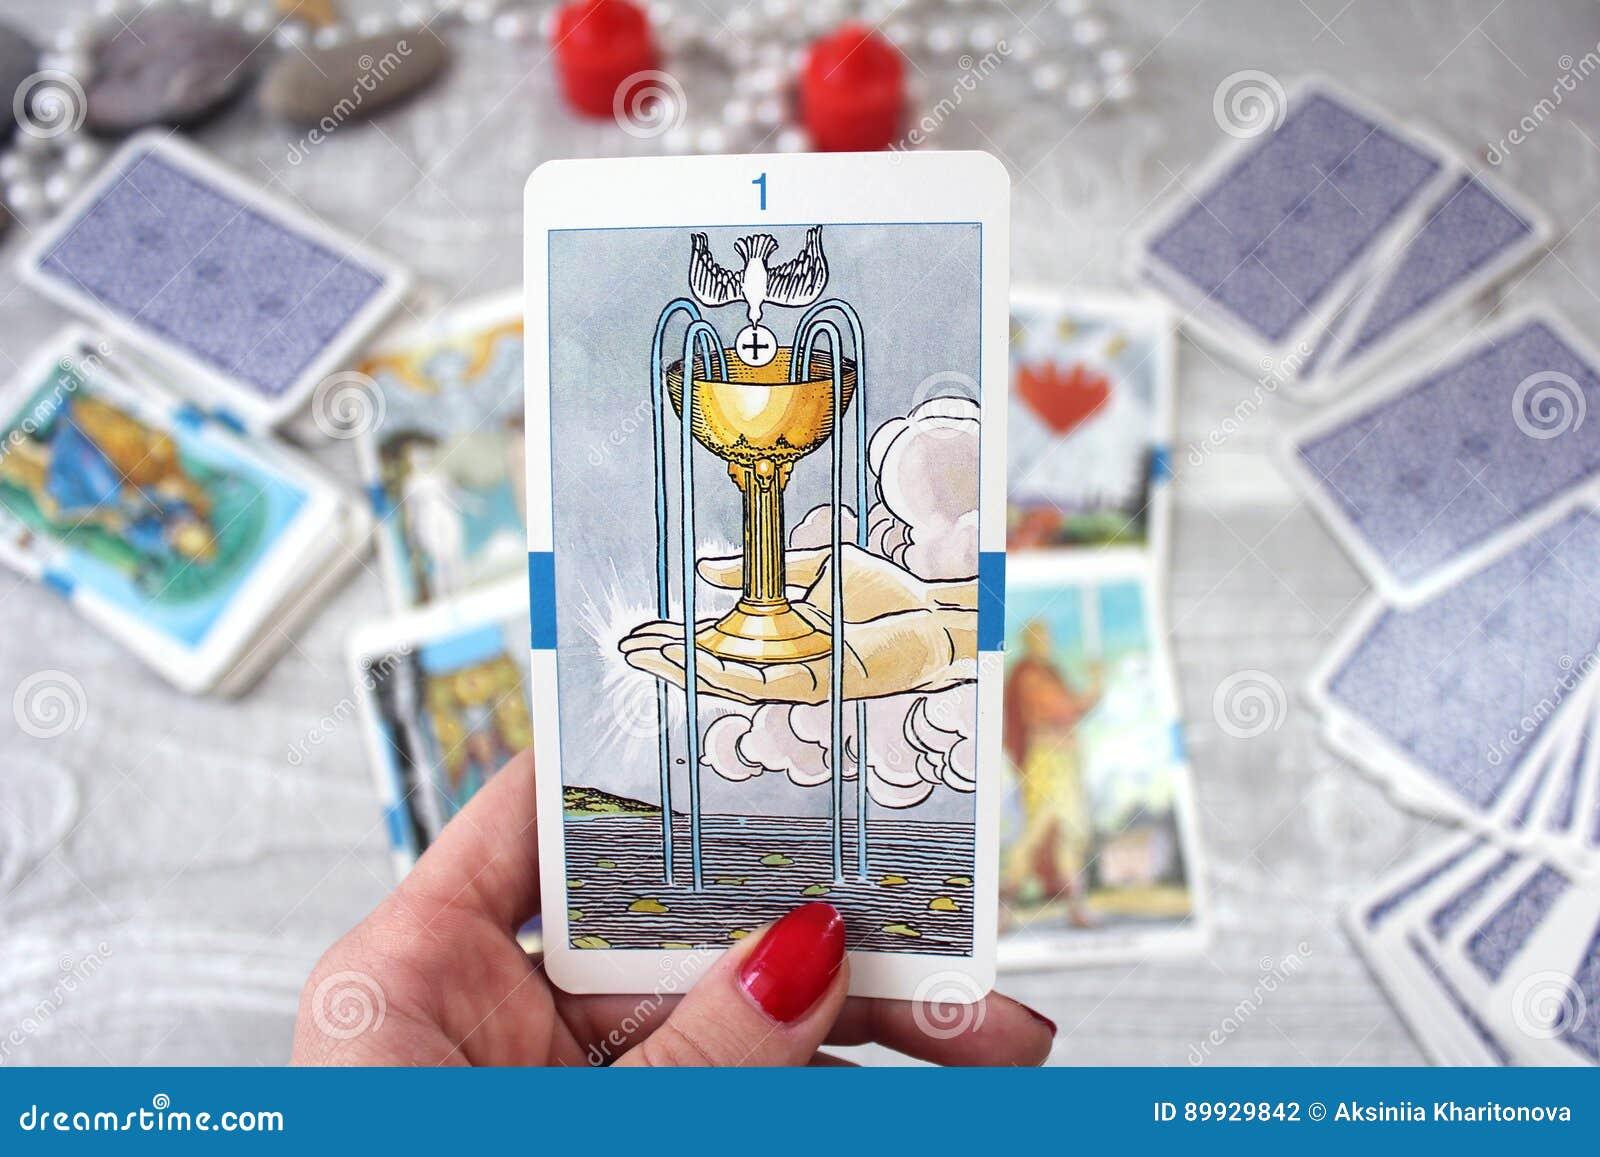 占卜用的纸牌、蜡烛和辅助部件在一张木桌上